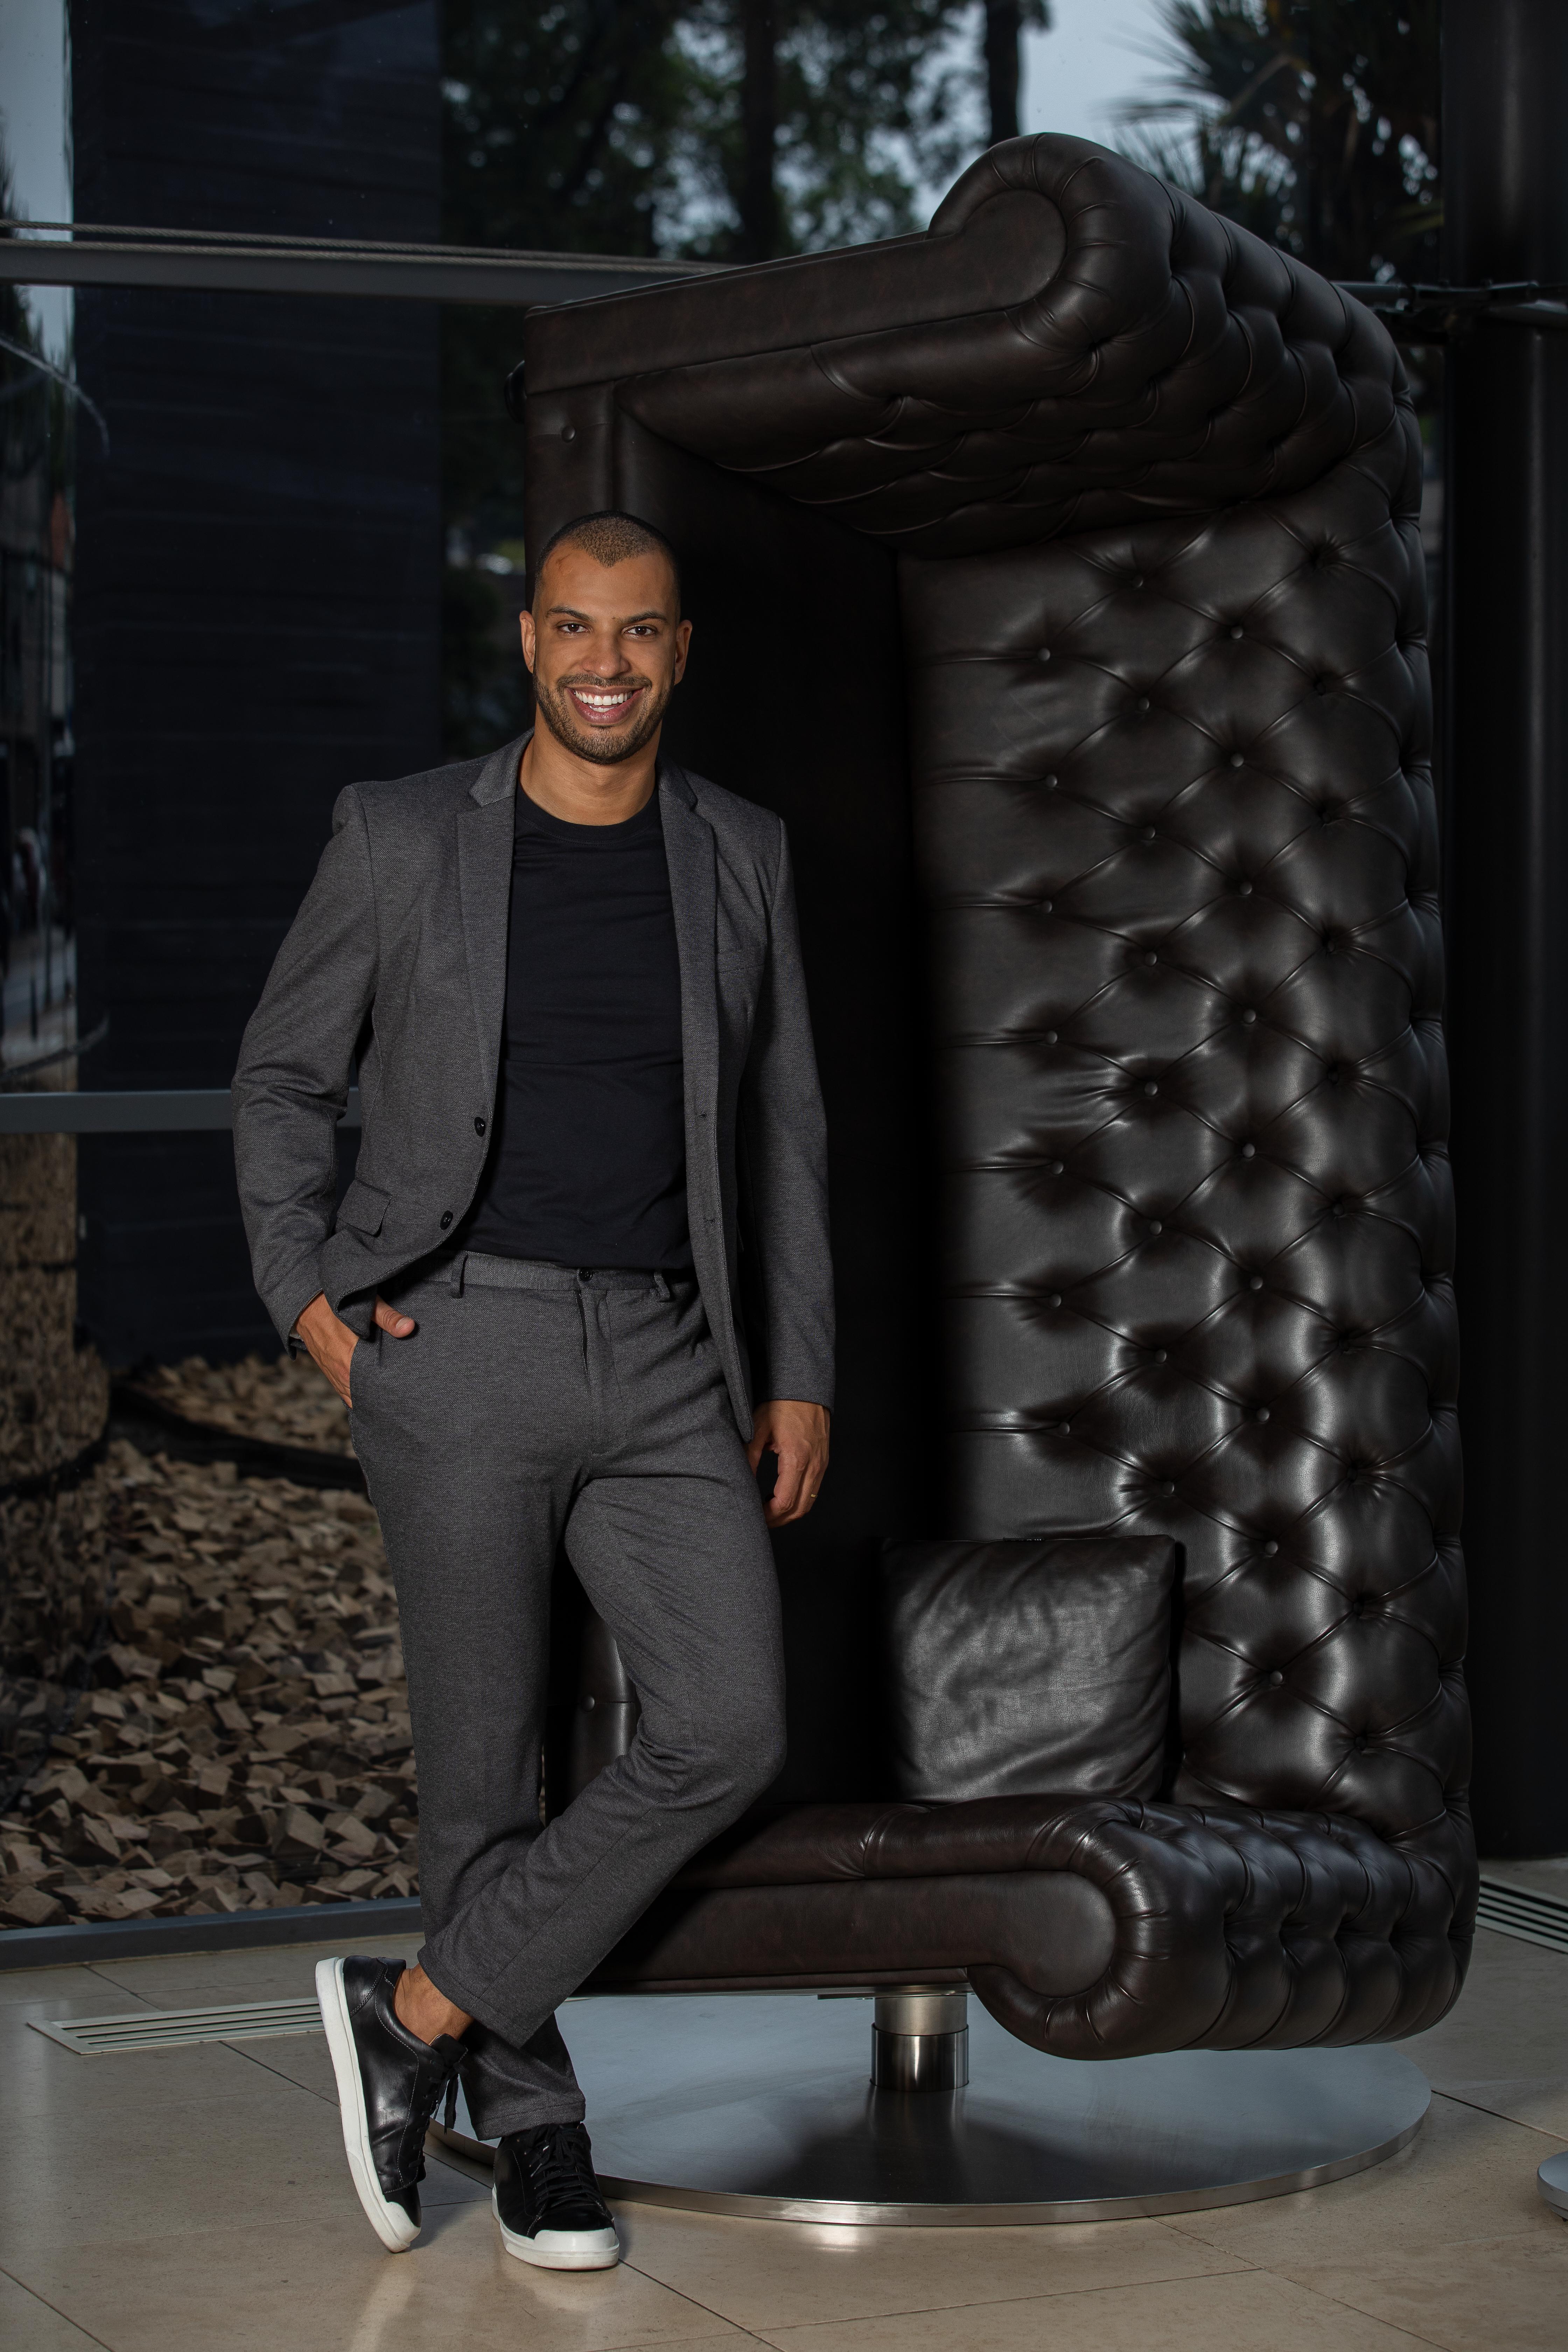 Wellington Melo, do Unique, posa de pé ao lado de sofá de couro preto erguido de pé como escultura. Veste terno cinza com camiseta preta.